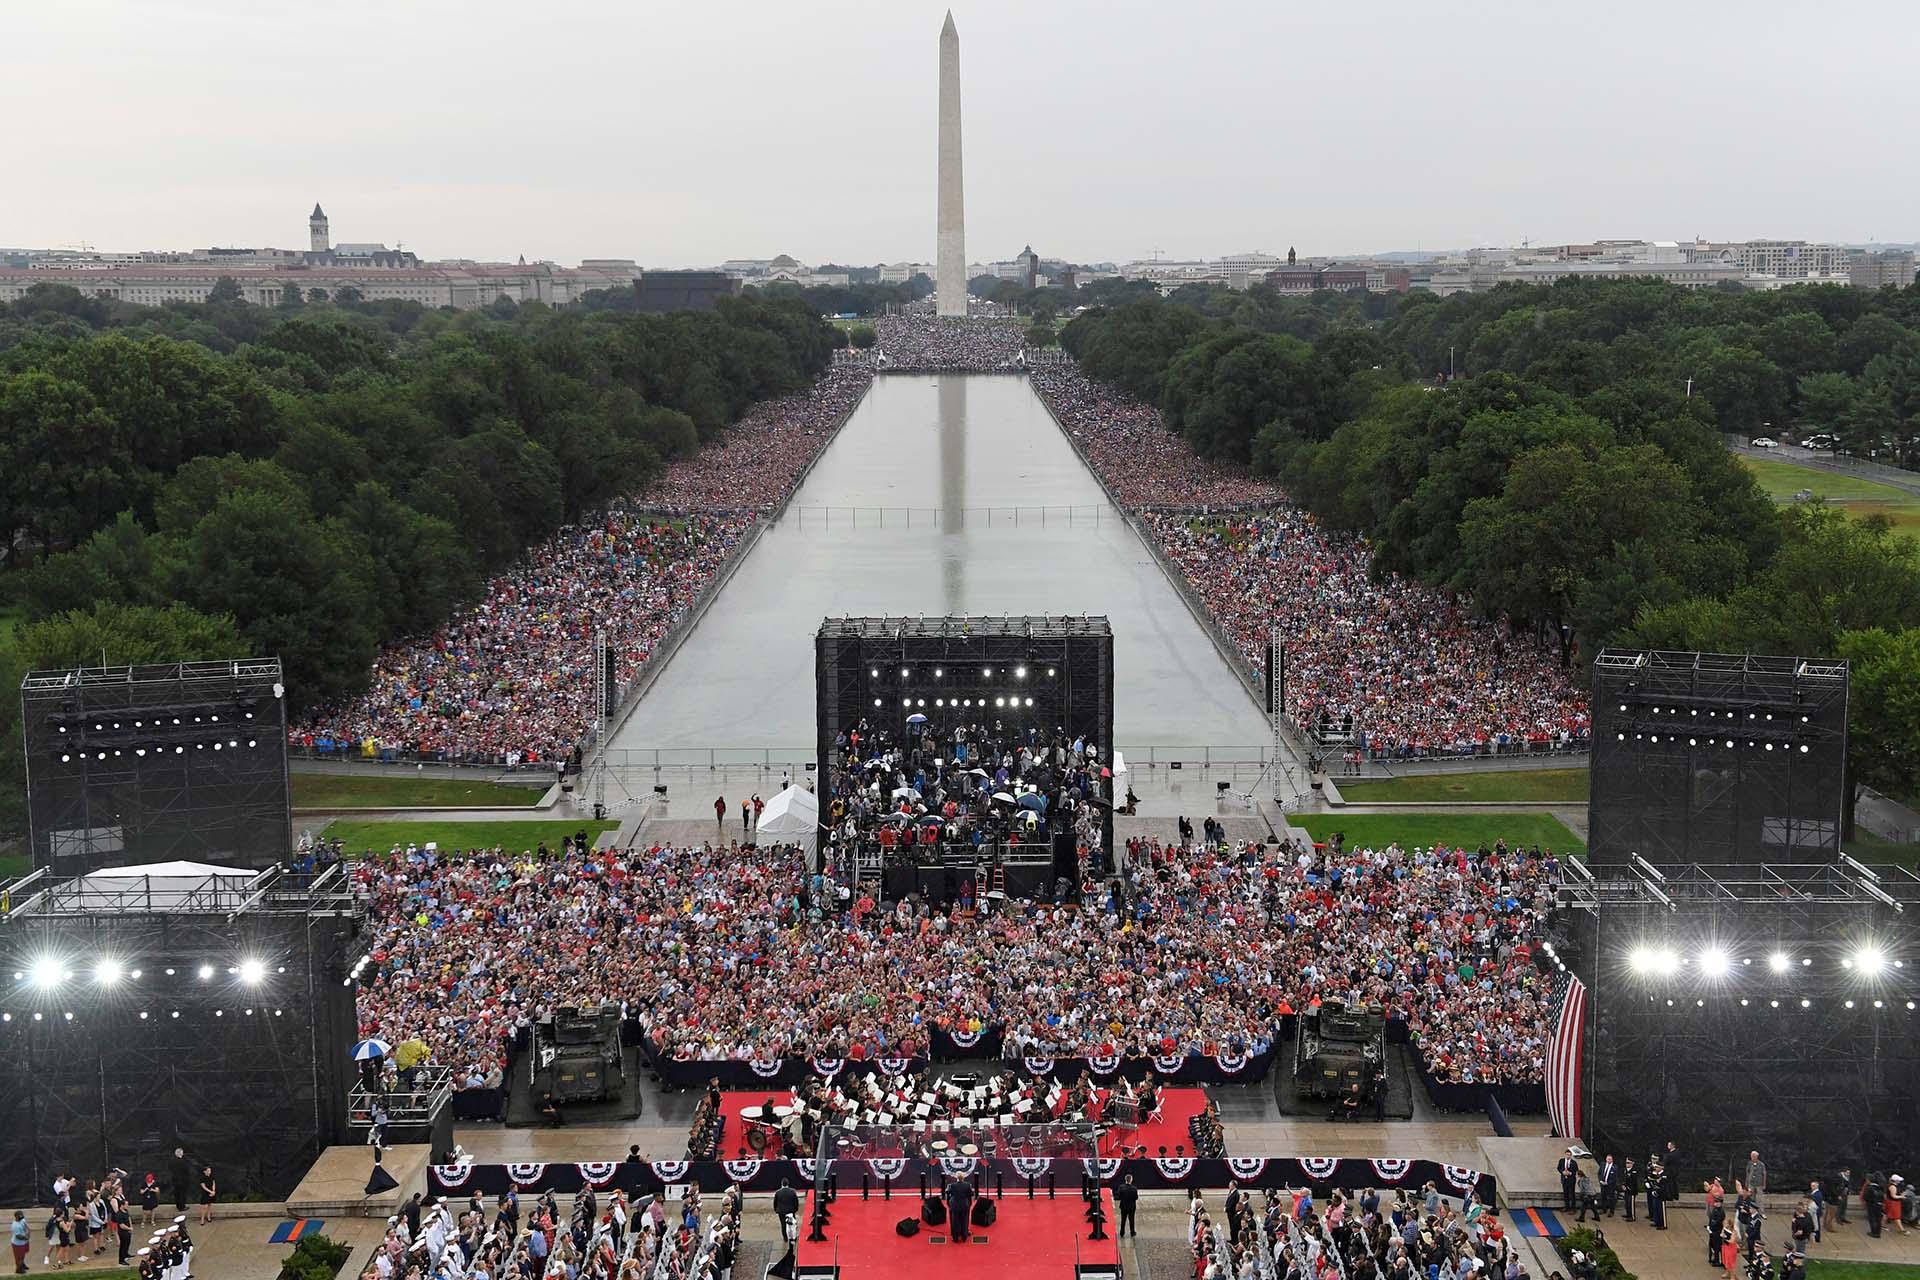 Las exhibición de tanques militares, el sobrevuelo de aviones de combate y un discurso desde el Monumento de Lincoln configuraron una celebración que tuvo más tono de campaña electoral que del tradicional y apolítico acto de los 4 de Julio